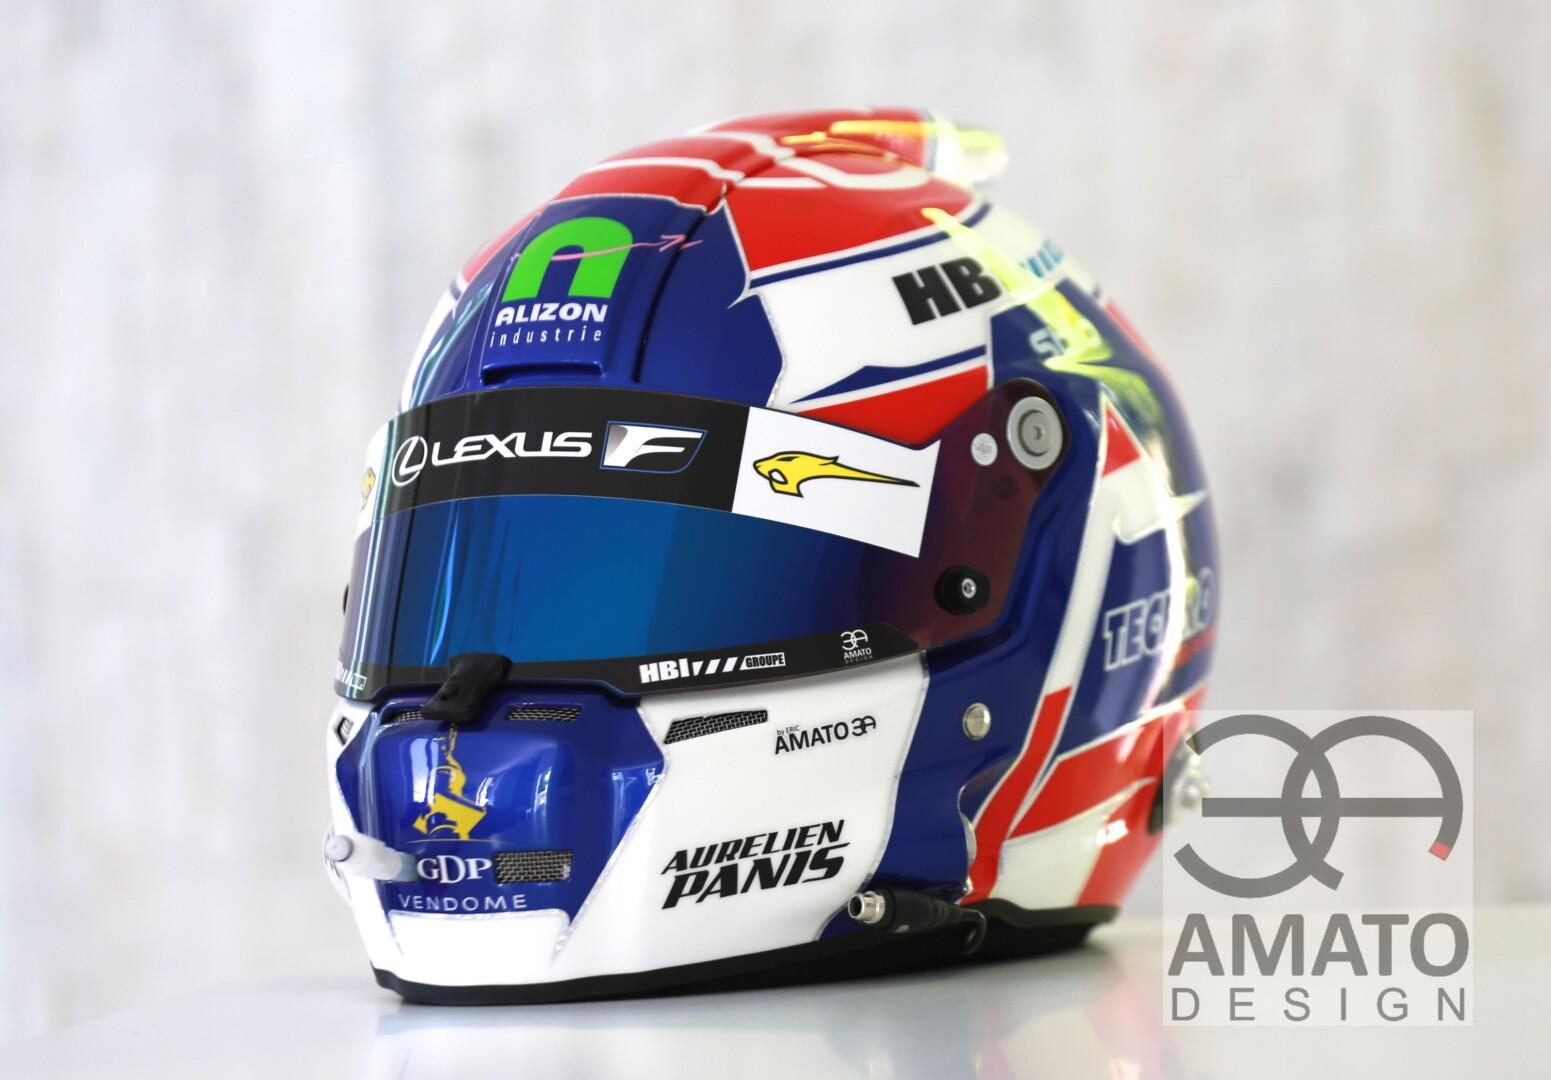 Casque conçu et réalisé par AMATO DESIGN pour Aurélien Panis, coureur LEXUS pour le FFSA GT4 France.